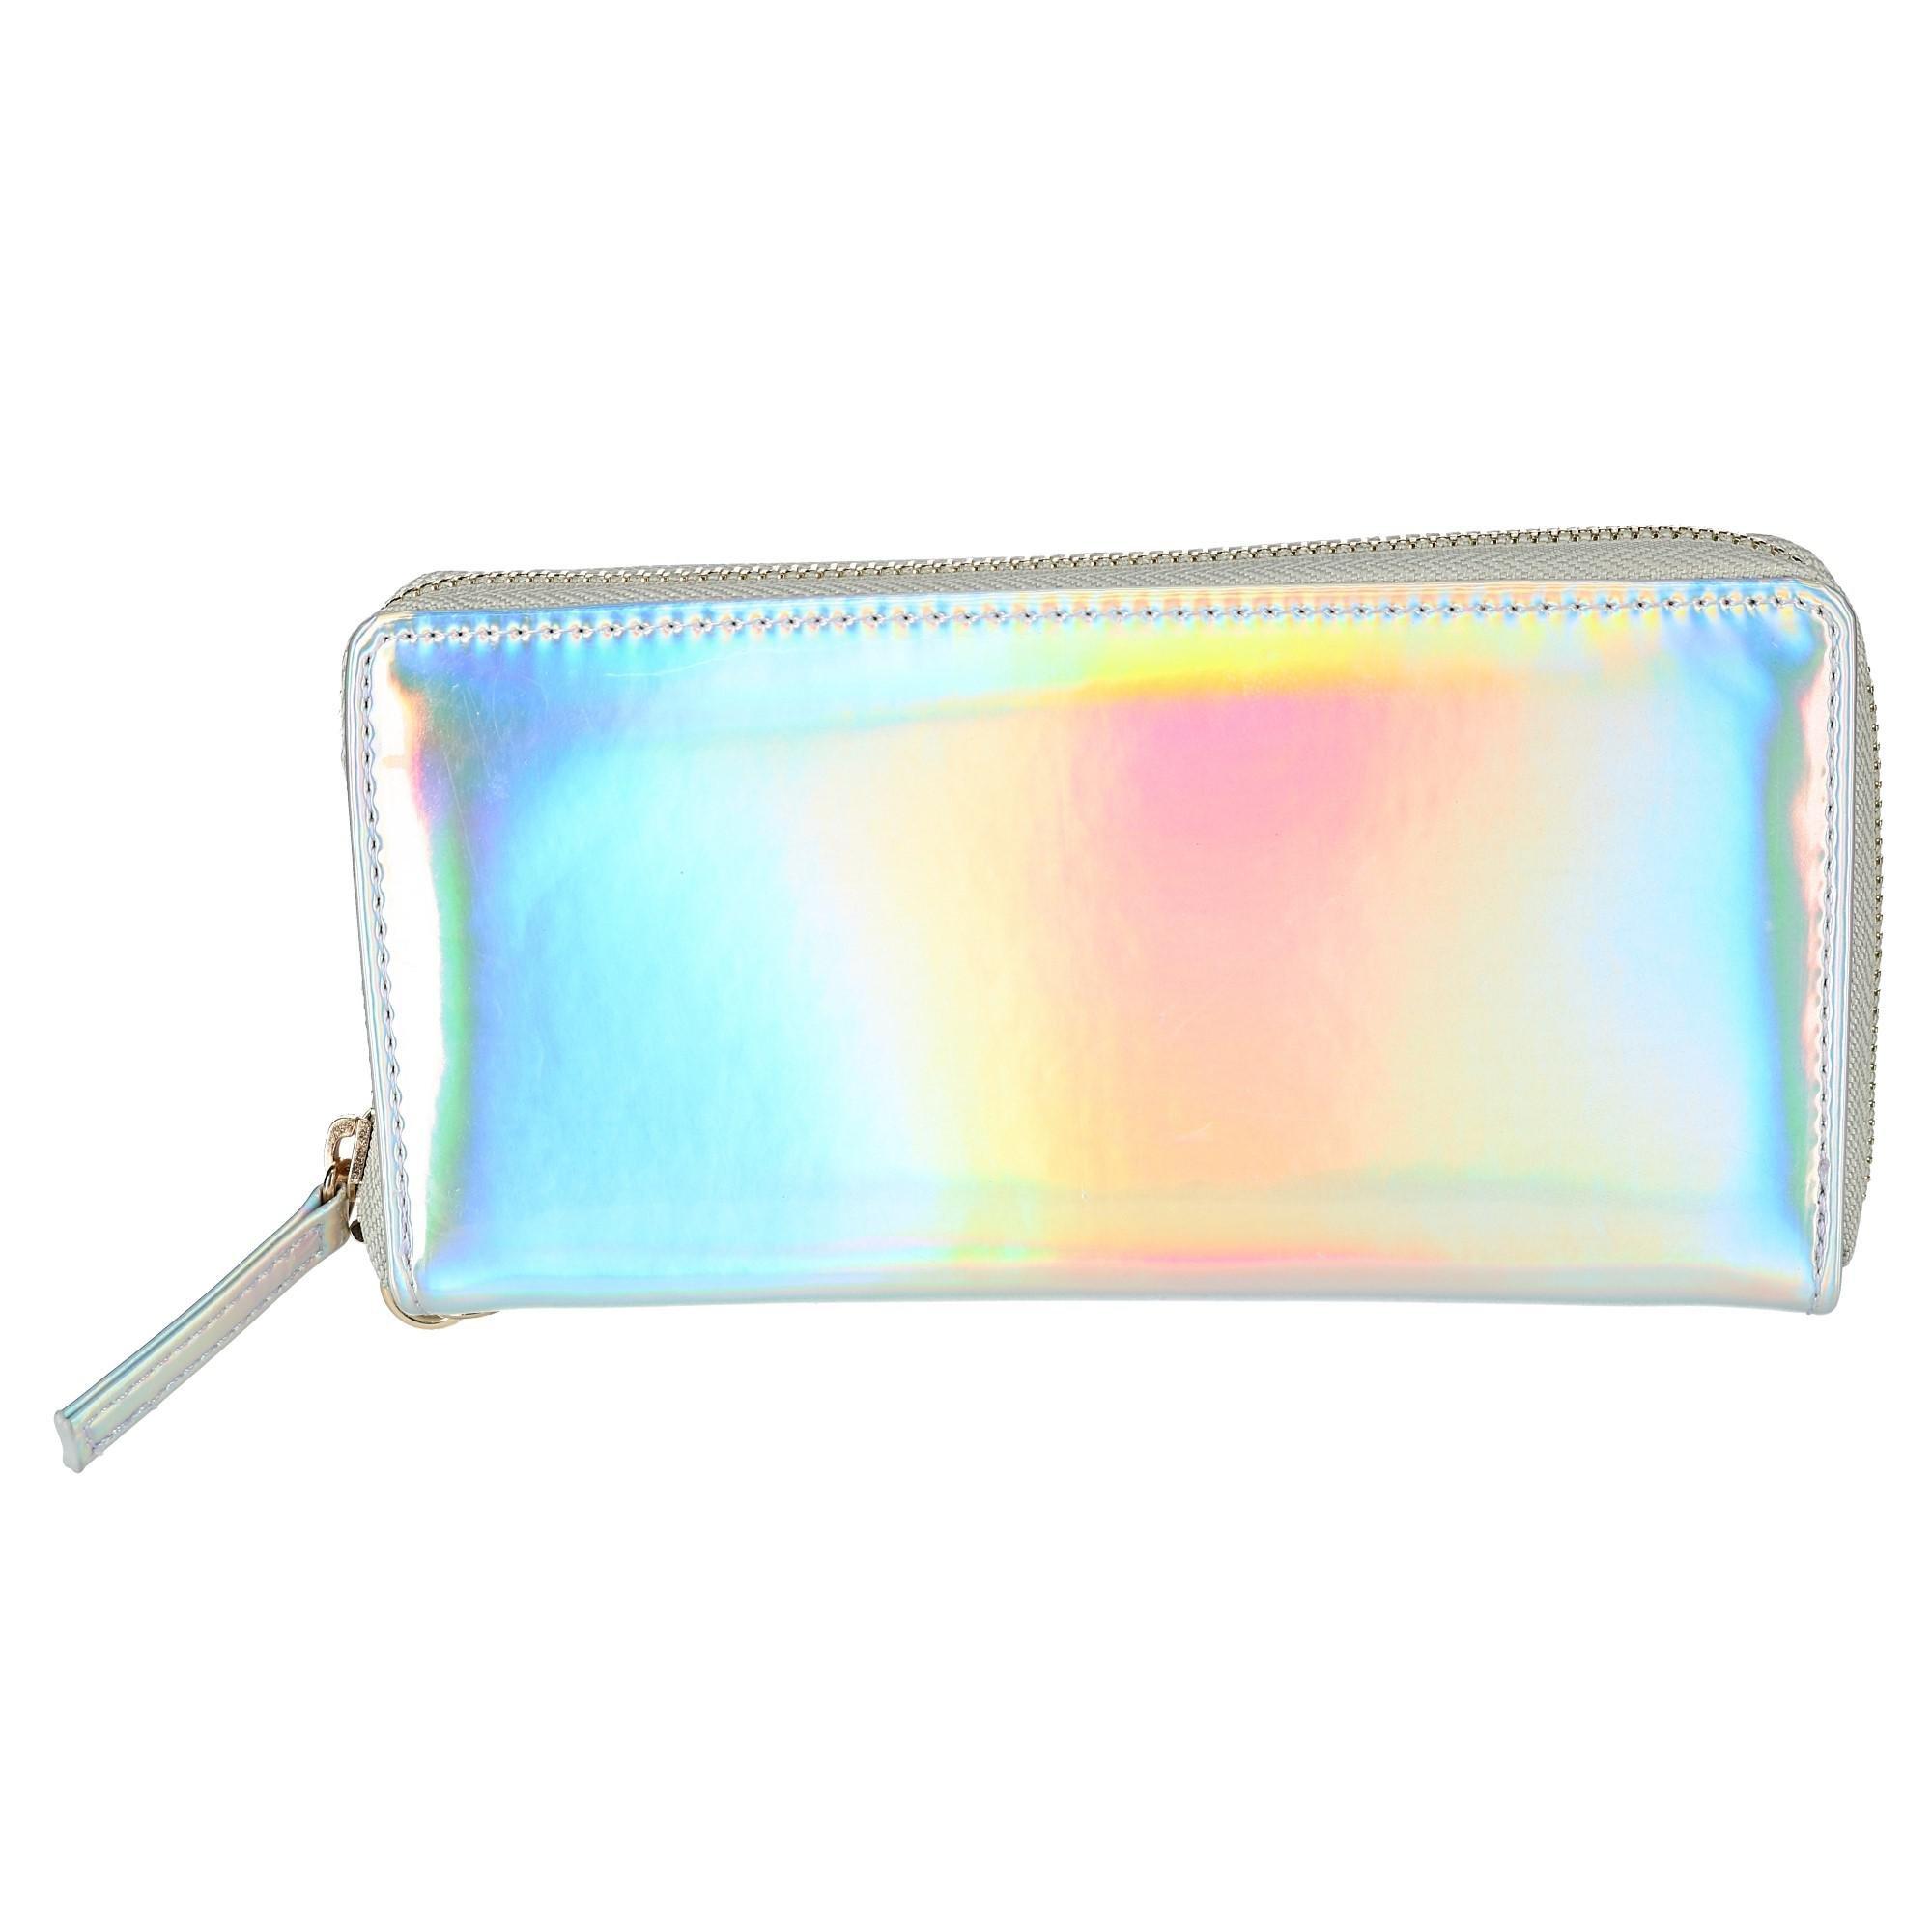 OMG Accessories Women's Iridescent Zip-Around Wallet, Multi-Color